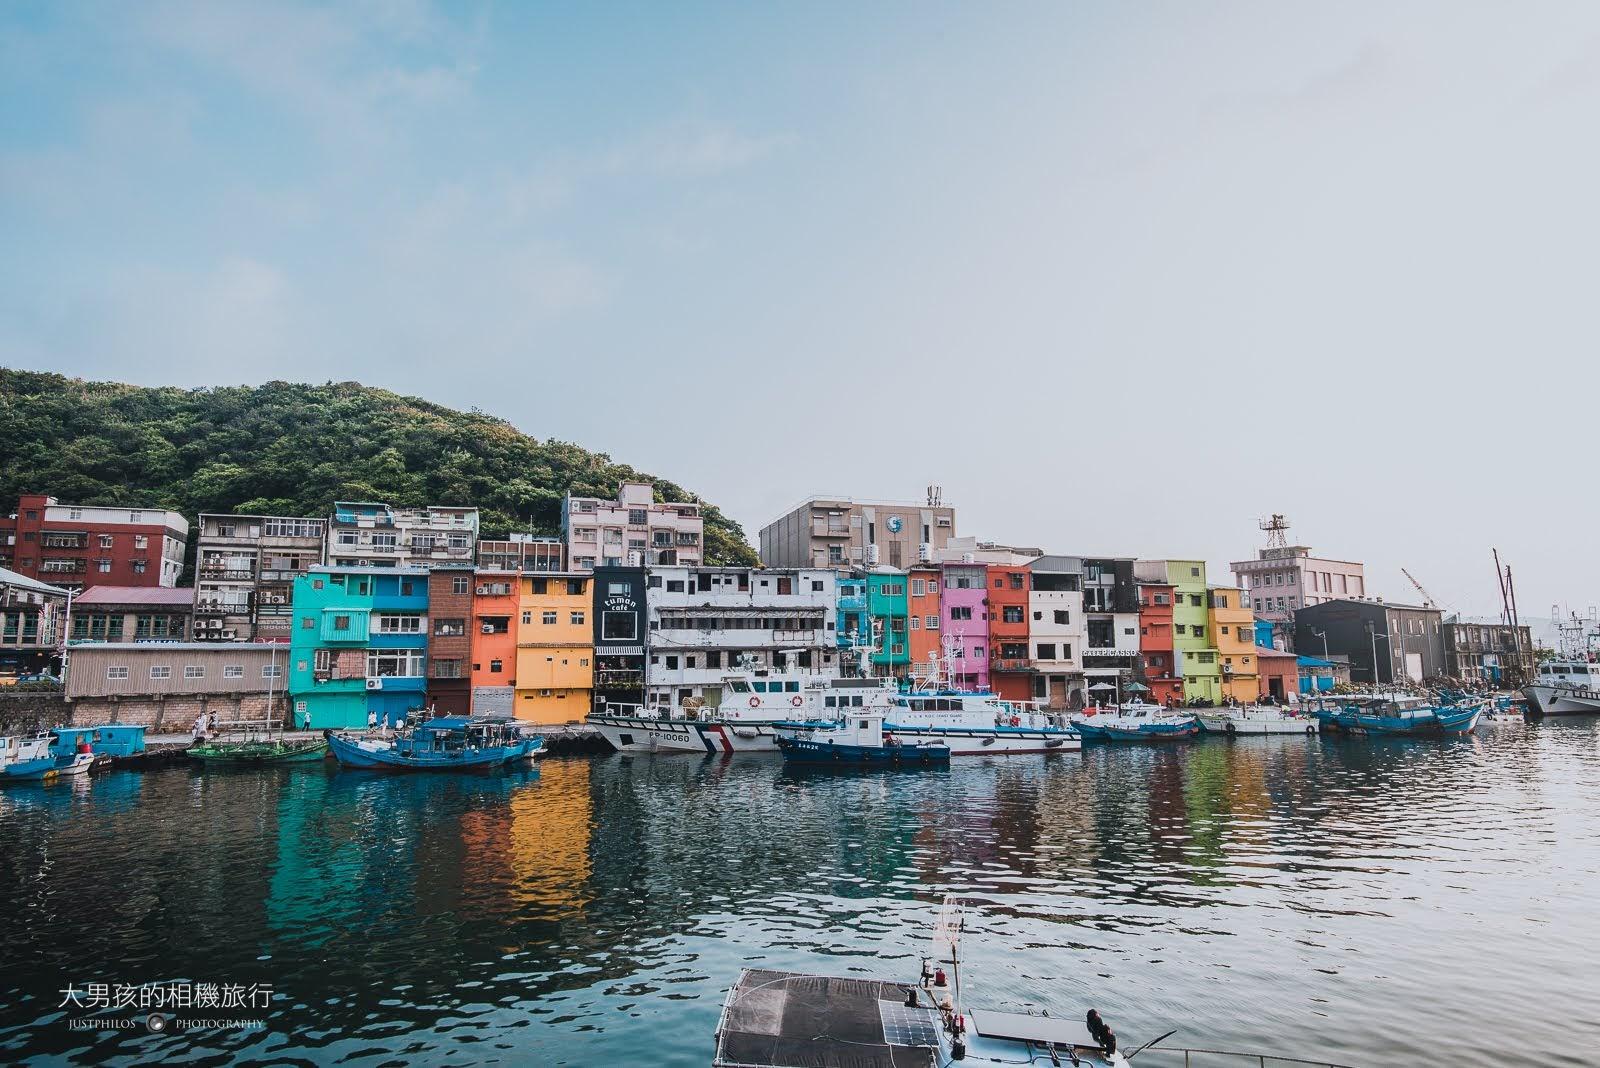 基隆正濱漁港旁的房子在漆上彩色外牆後,猶如置身在威尼斯的小漁港。